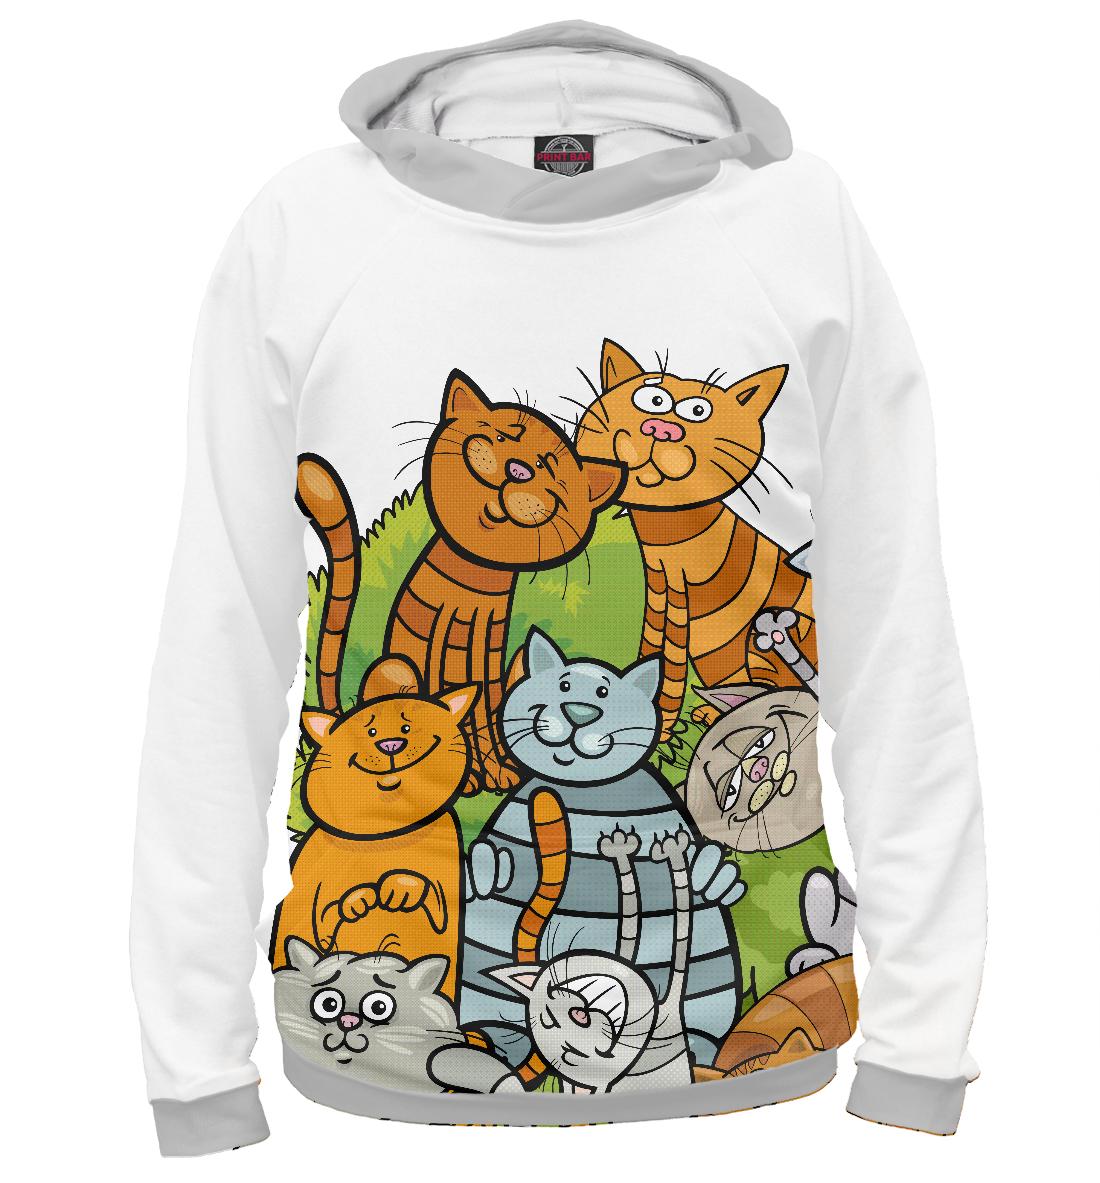 Купить Веселые коты, Printbar, Худи, CAT-880097-hud-2